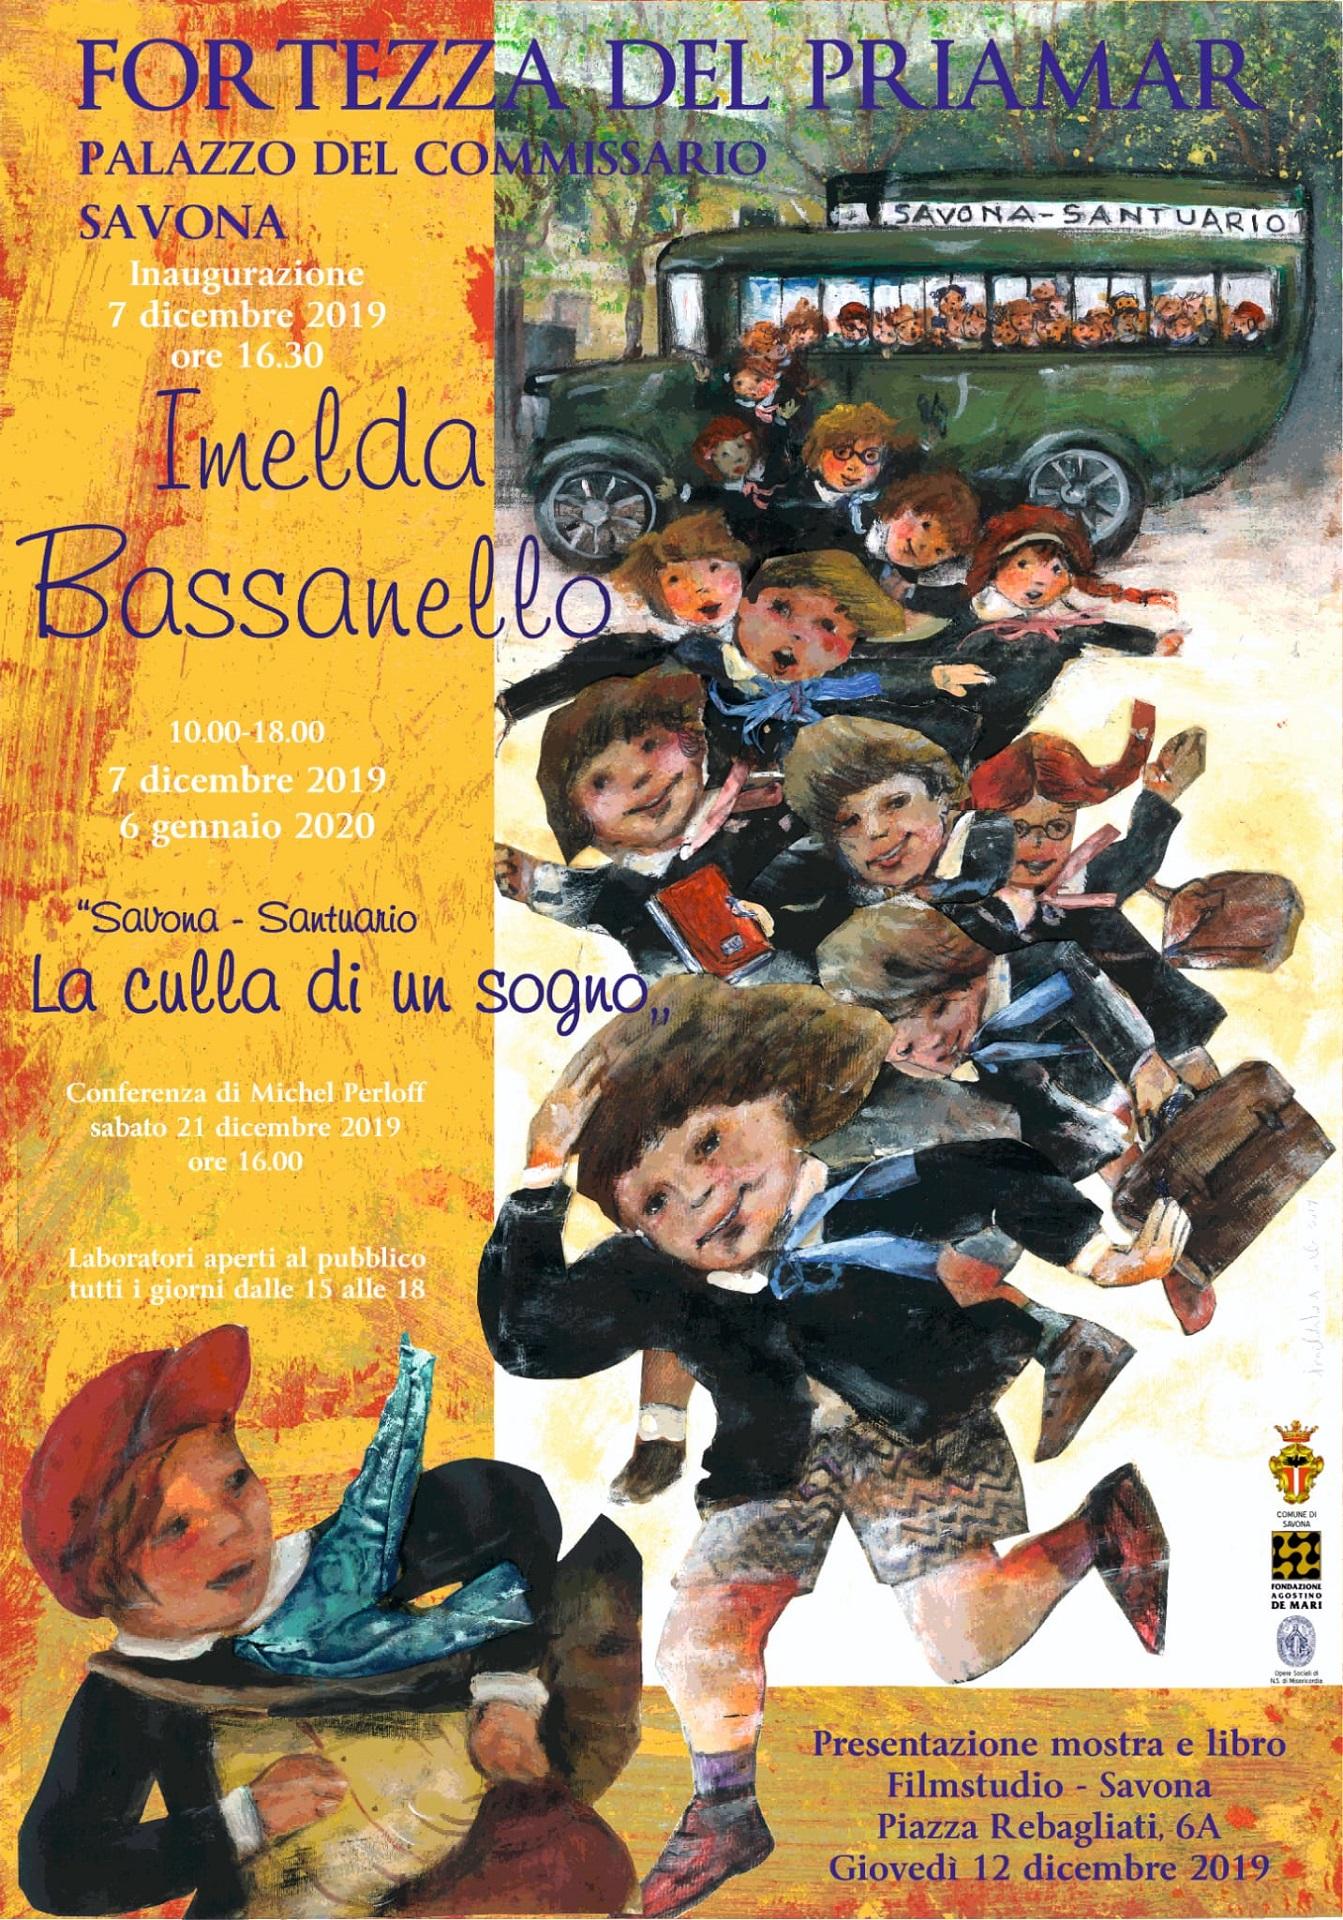 Residenza Sanitaria Assistenziale con Imelda Bassanello - Opere Sociali Servizi Savona